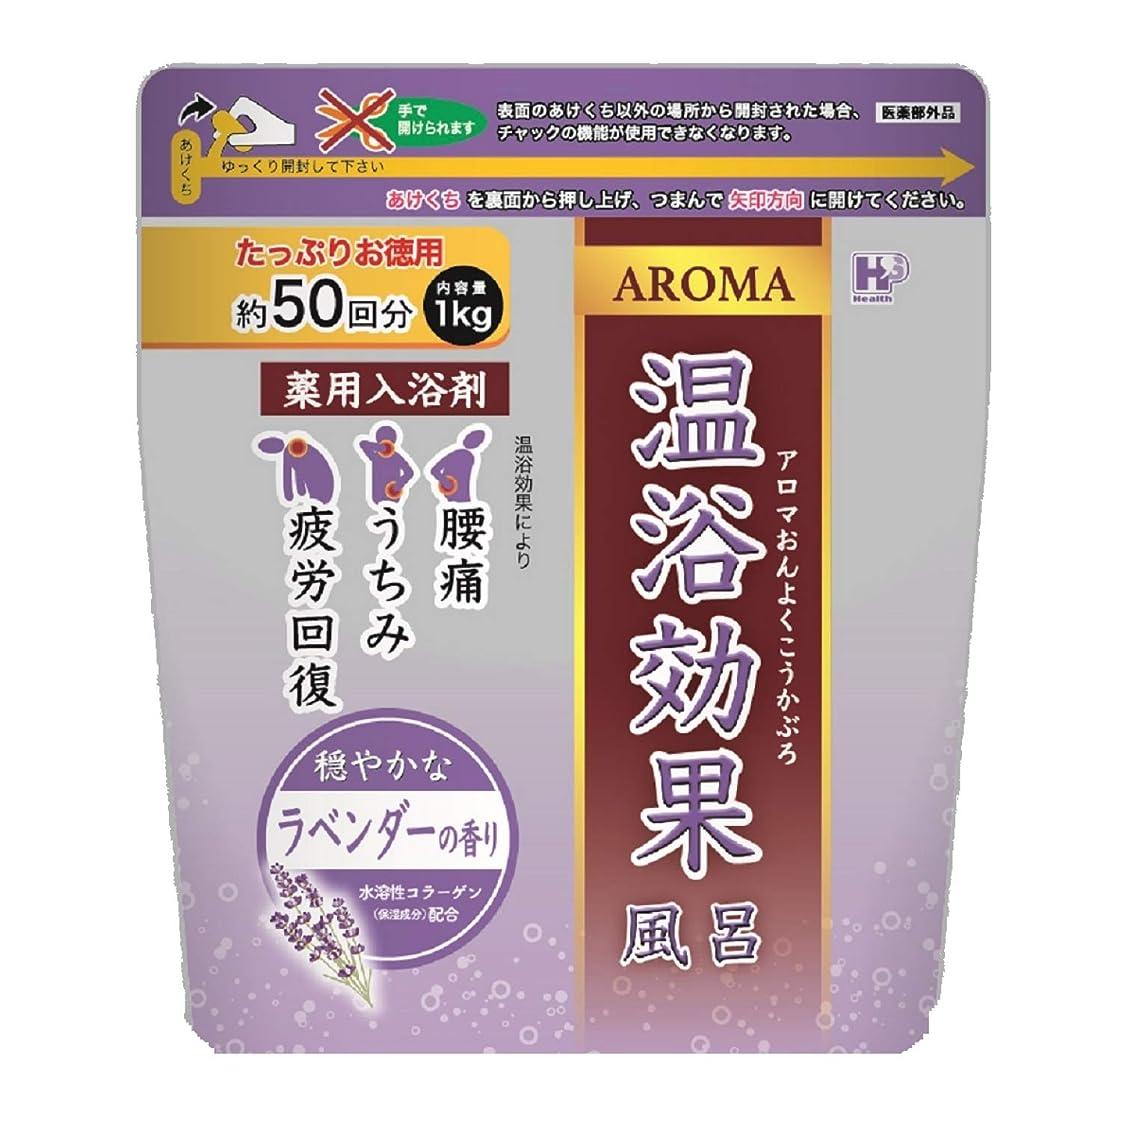 減衰にんじんハックアロマ温浴効果風呂 ラベンダー 1kg